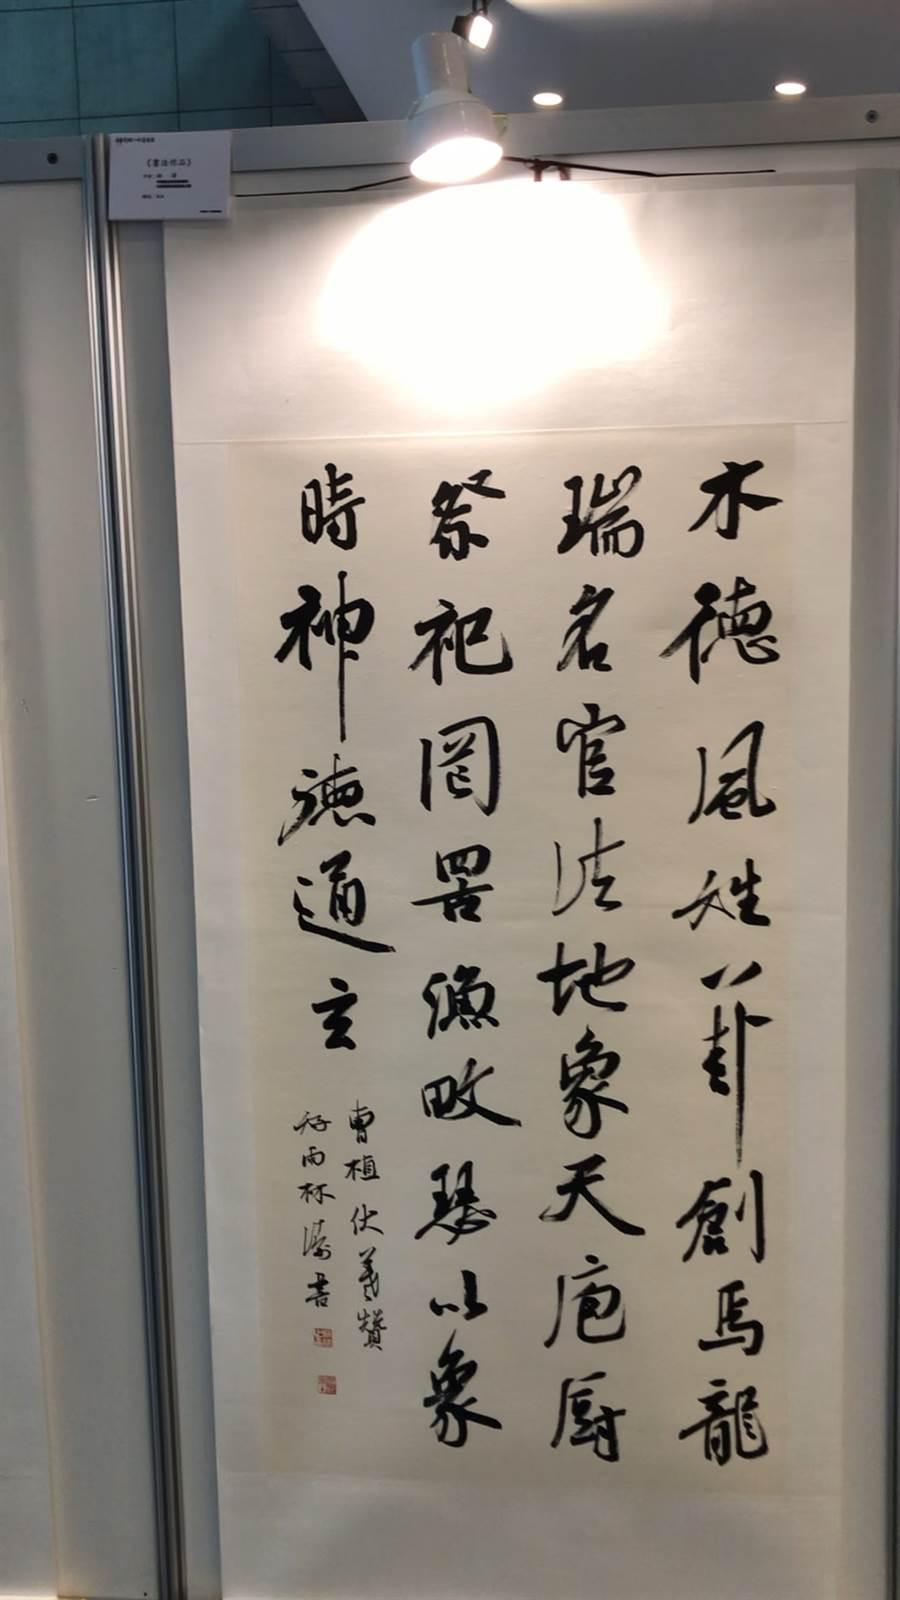 《書法作品》林  濤 / 中國書法家協會理事,甘肅省書法家協會主席